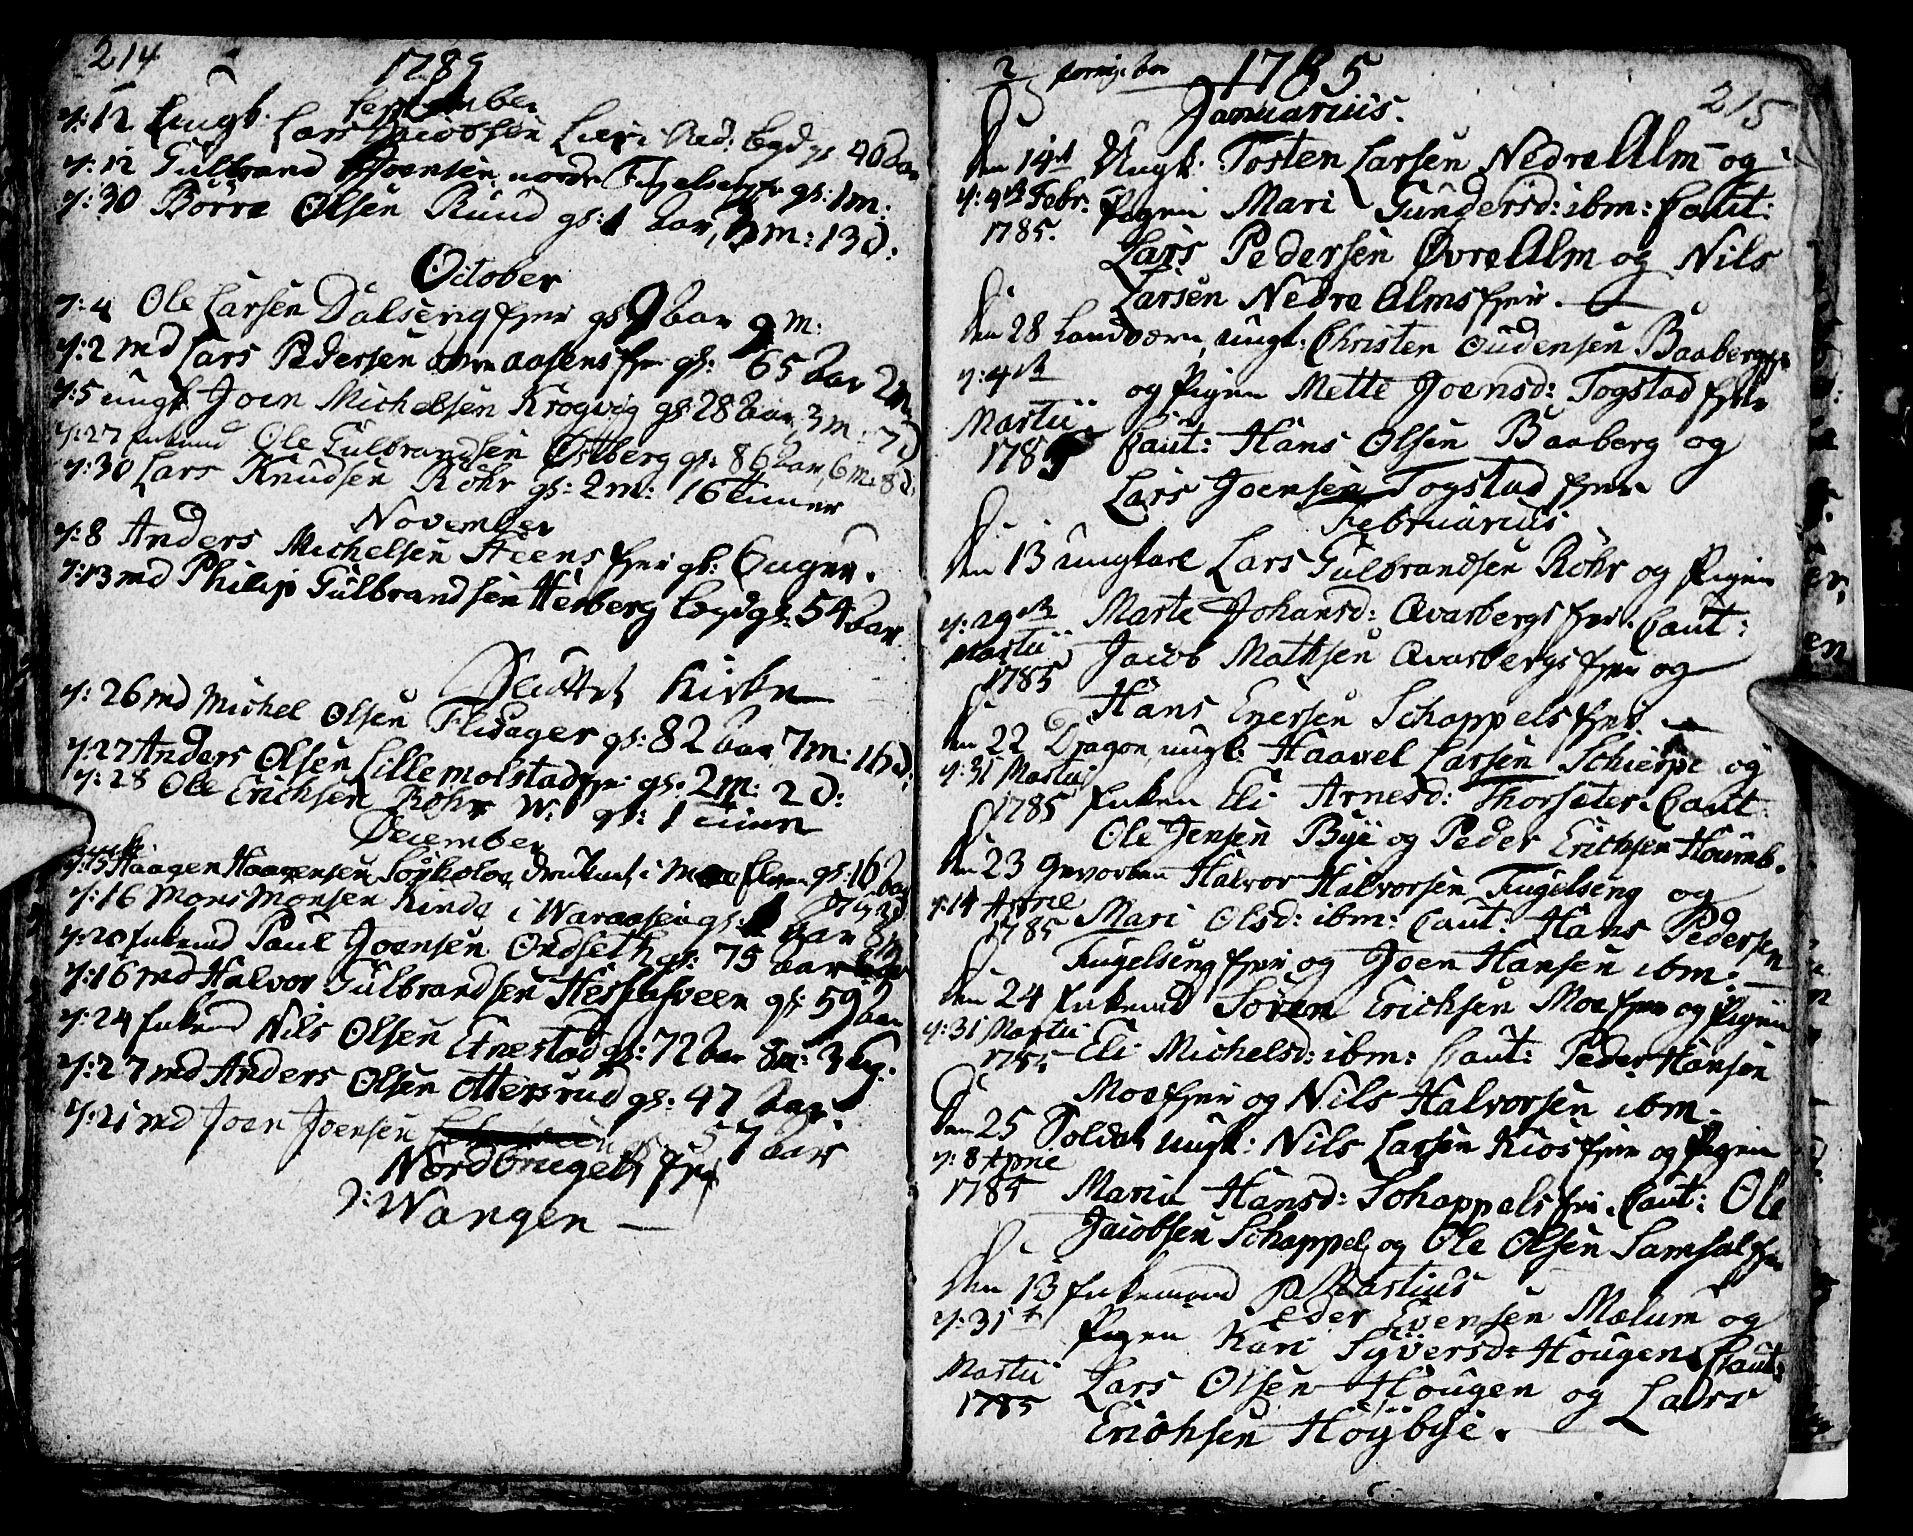 SAH, Ringsaker prestekontor, I/Ia/L0005/0004: Kladd til kirkebok nr. 1D, 1785-1789, s. 214-215